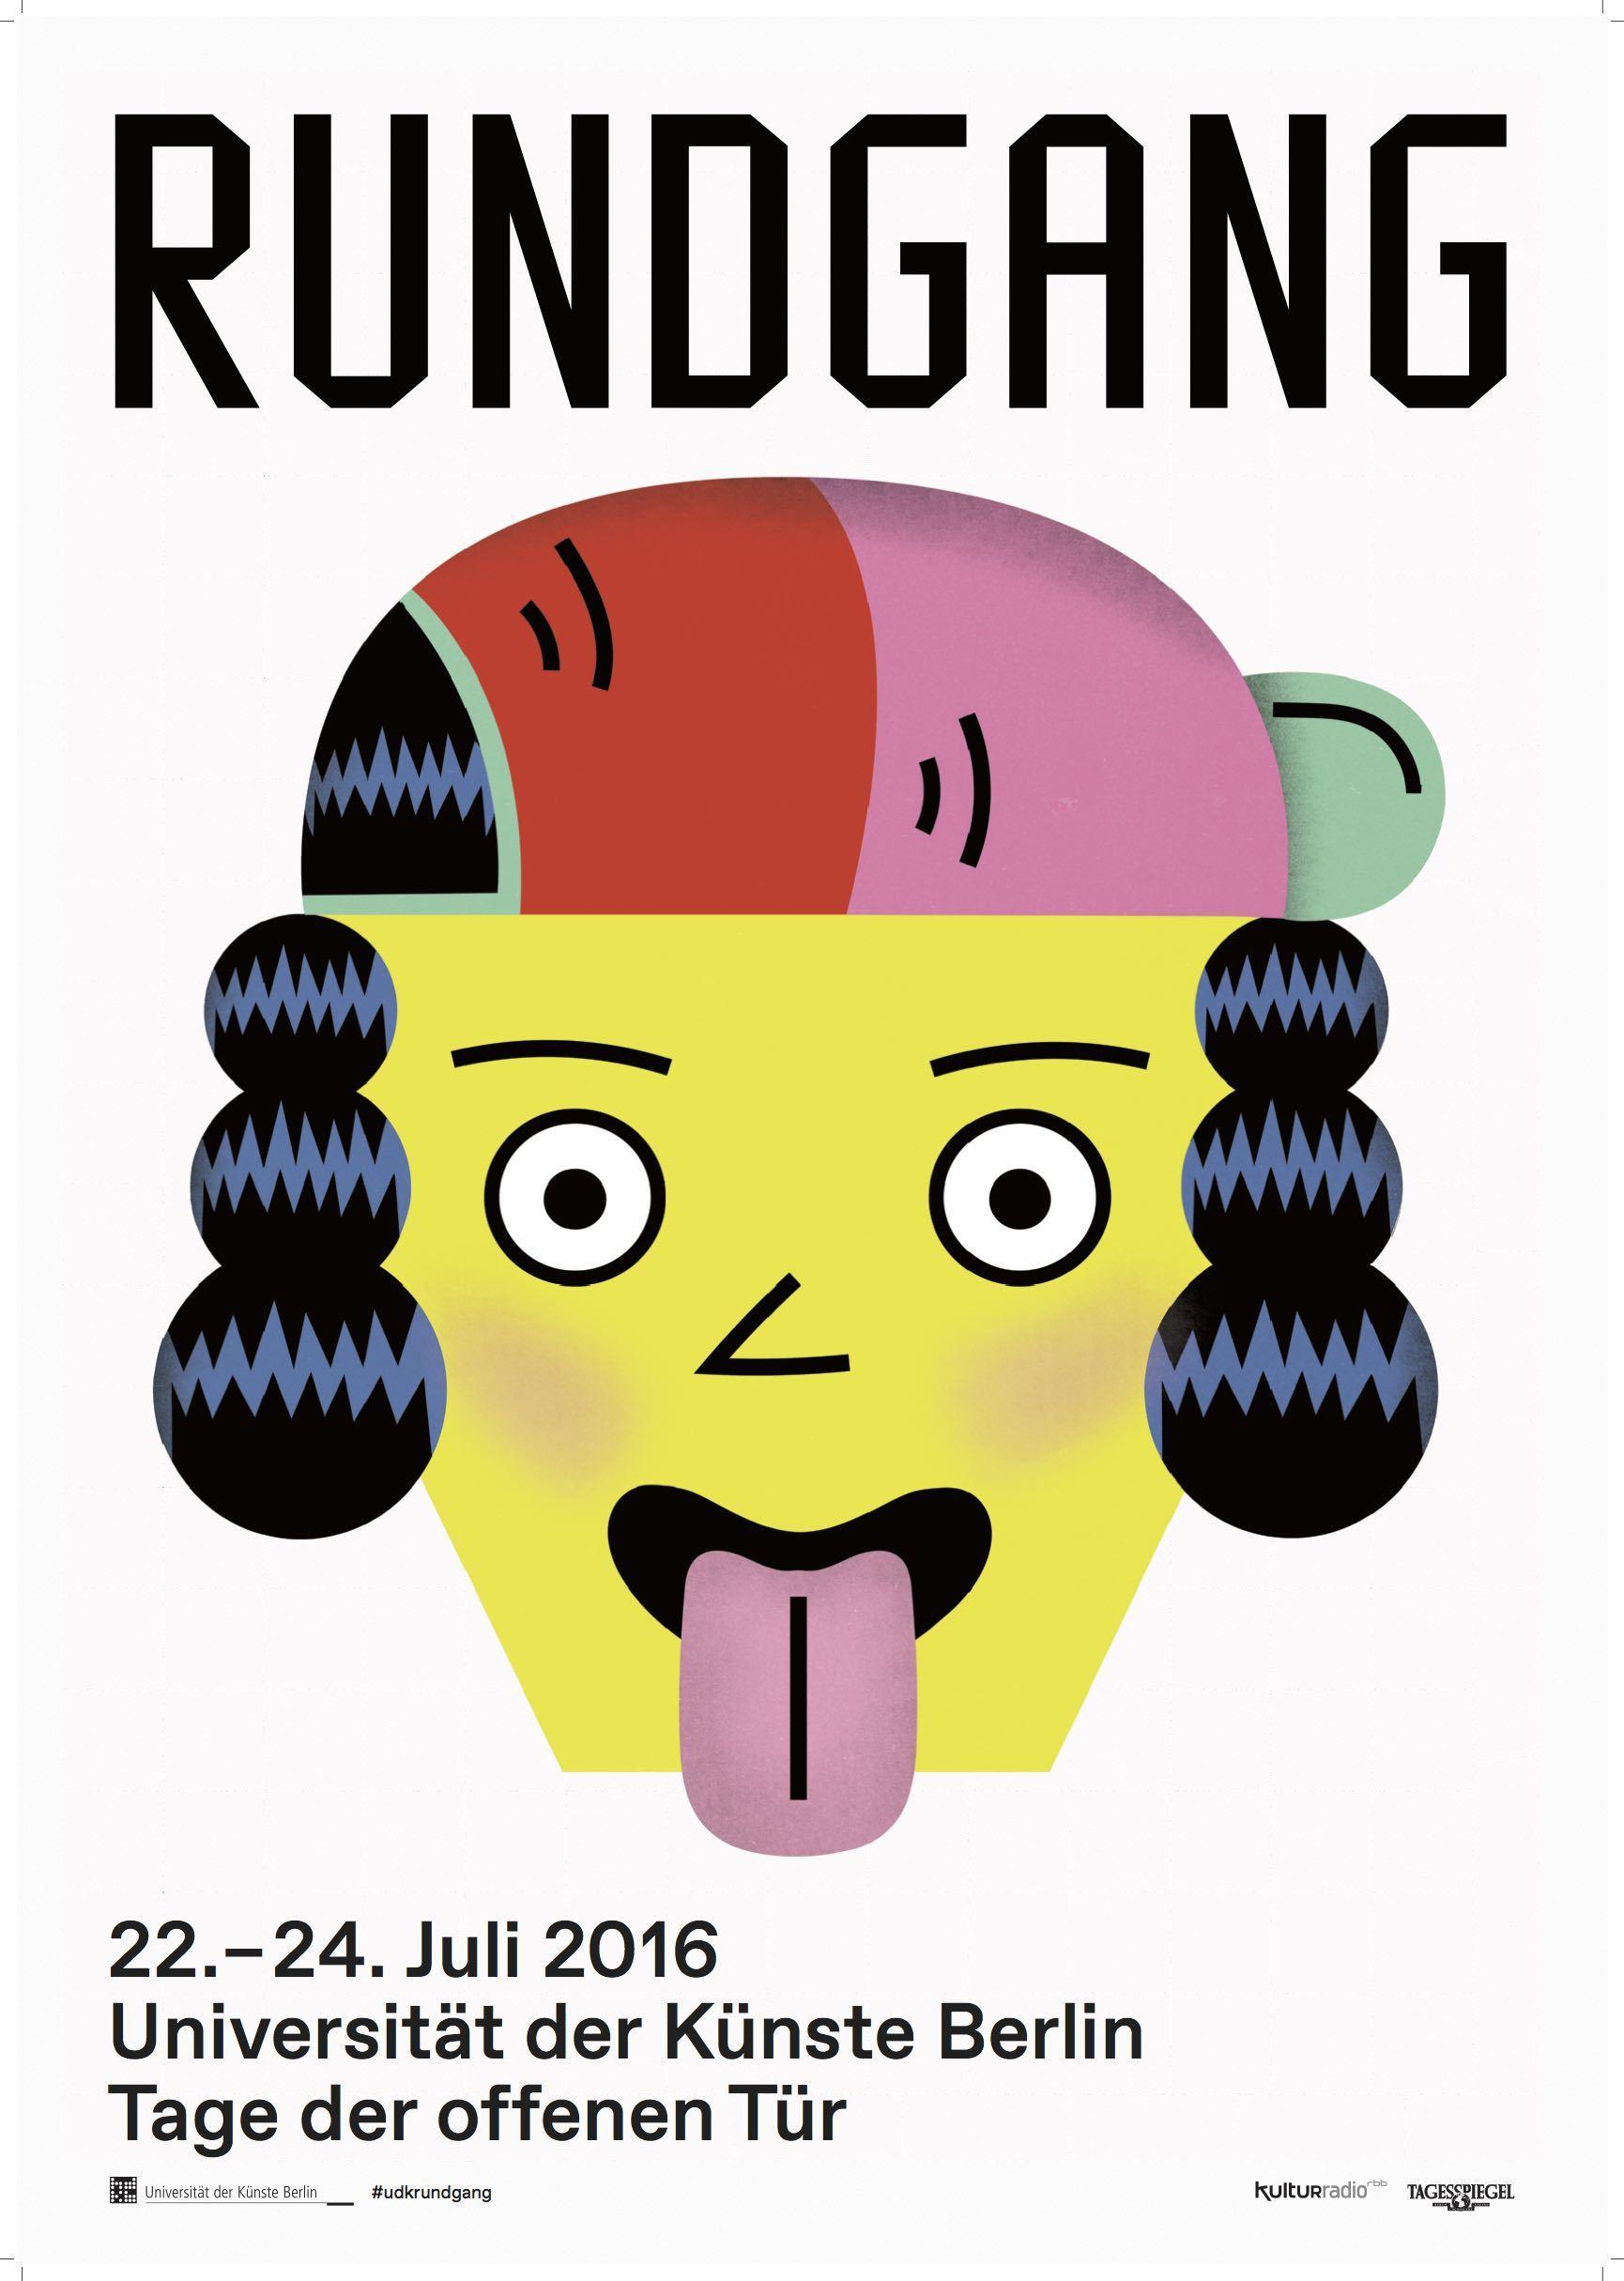 Tag der offenen tür plakat design  Tage der offenen Tür bei der Udk in Berlin / PAGE online